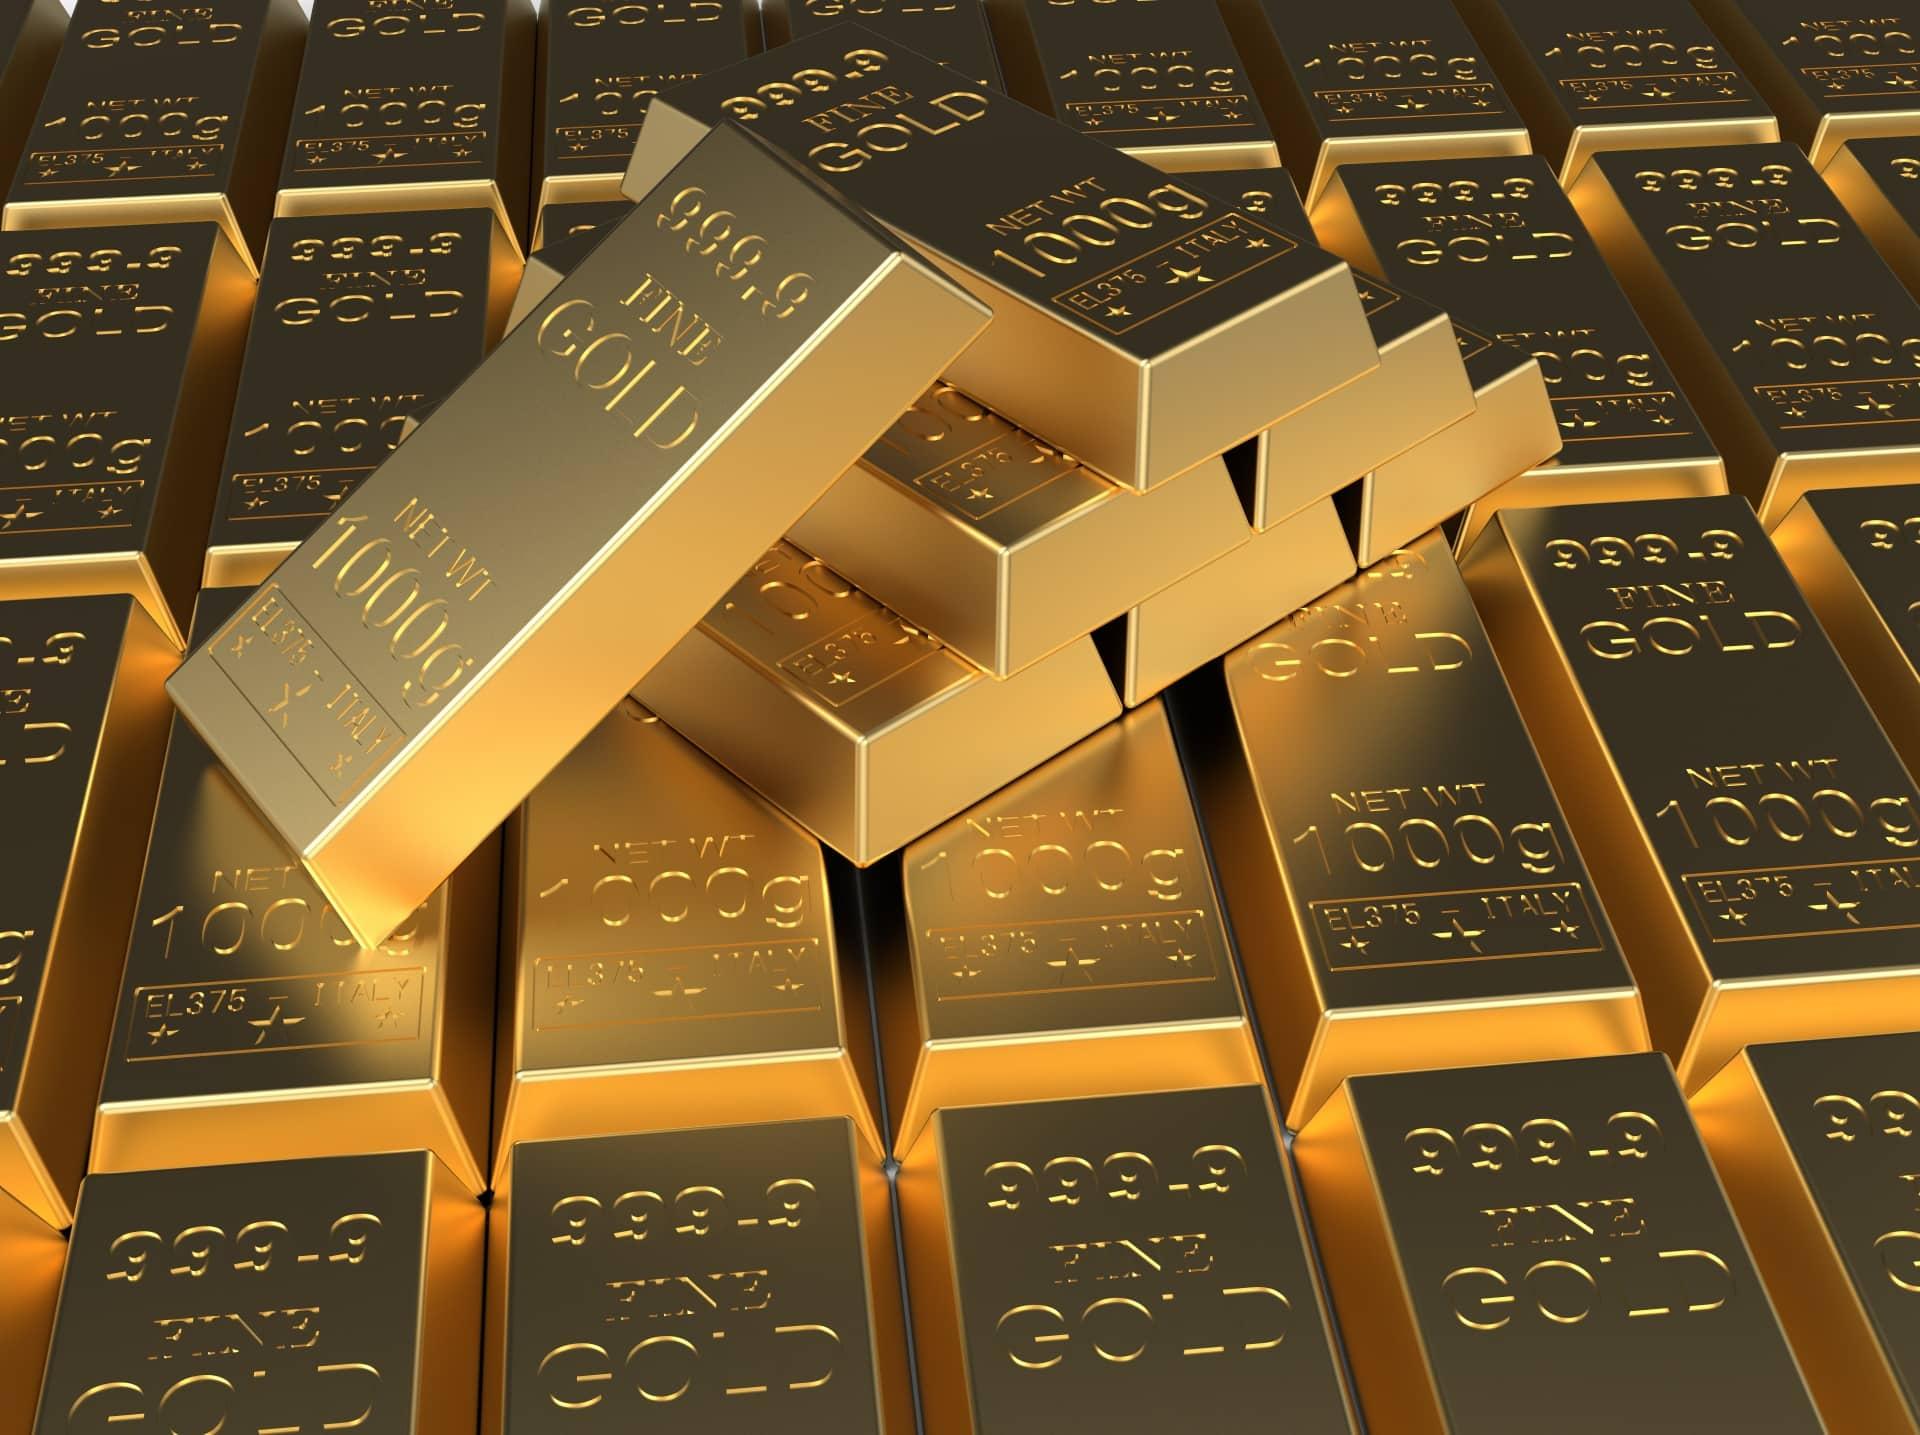 Totenpass lance un appareil de stockage de données basé sur l'or, le matériau le plus durable. Une révolution pour le Big Data ?